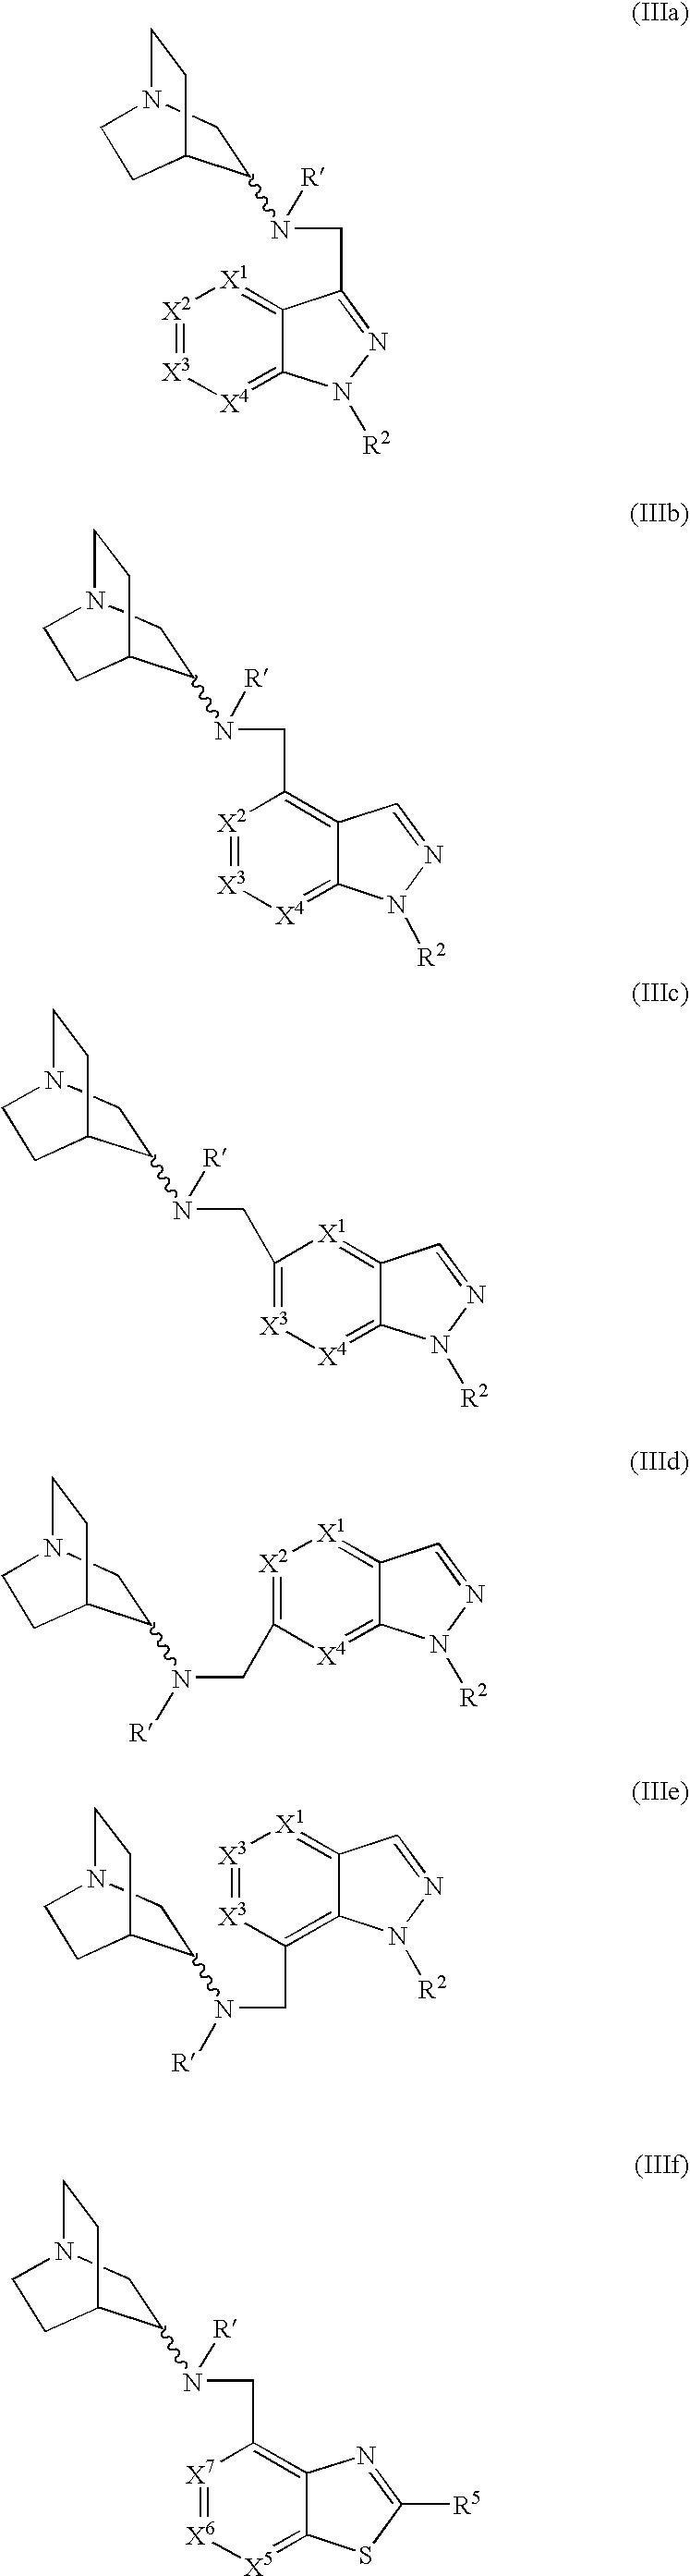 Figure US08106066-20120131-C00020